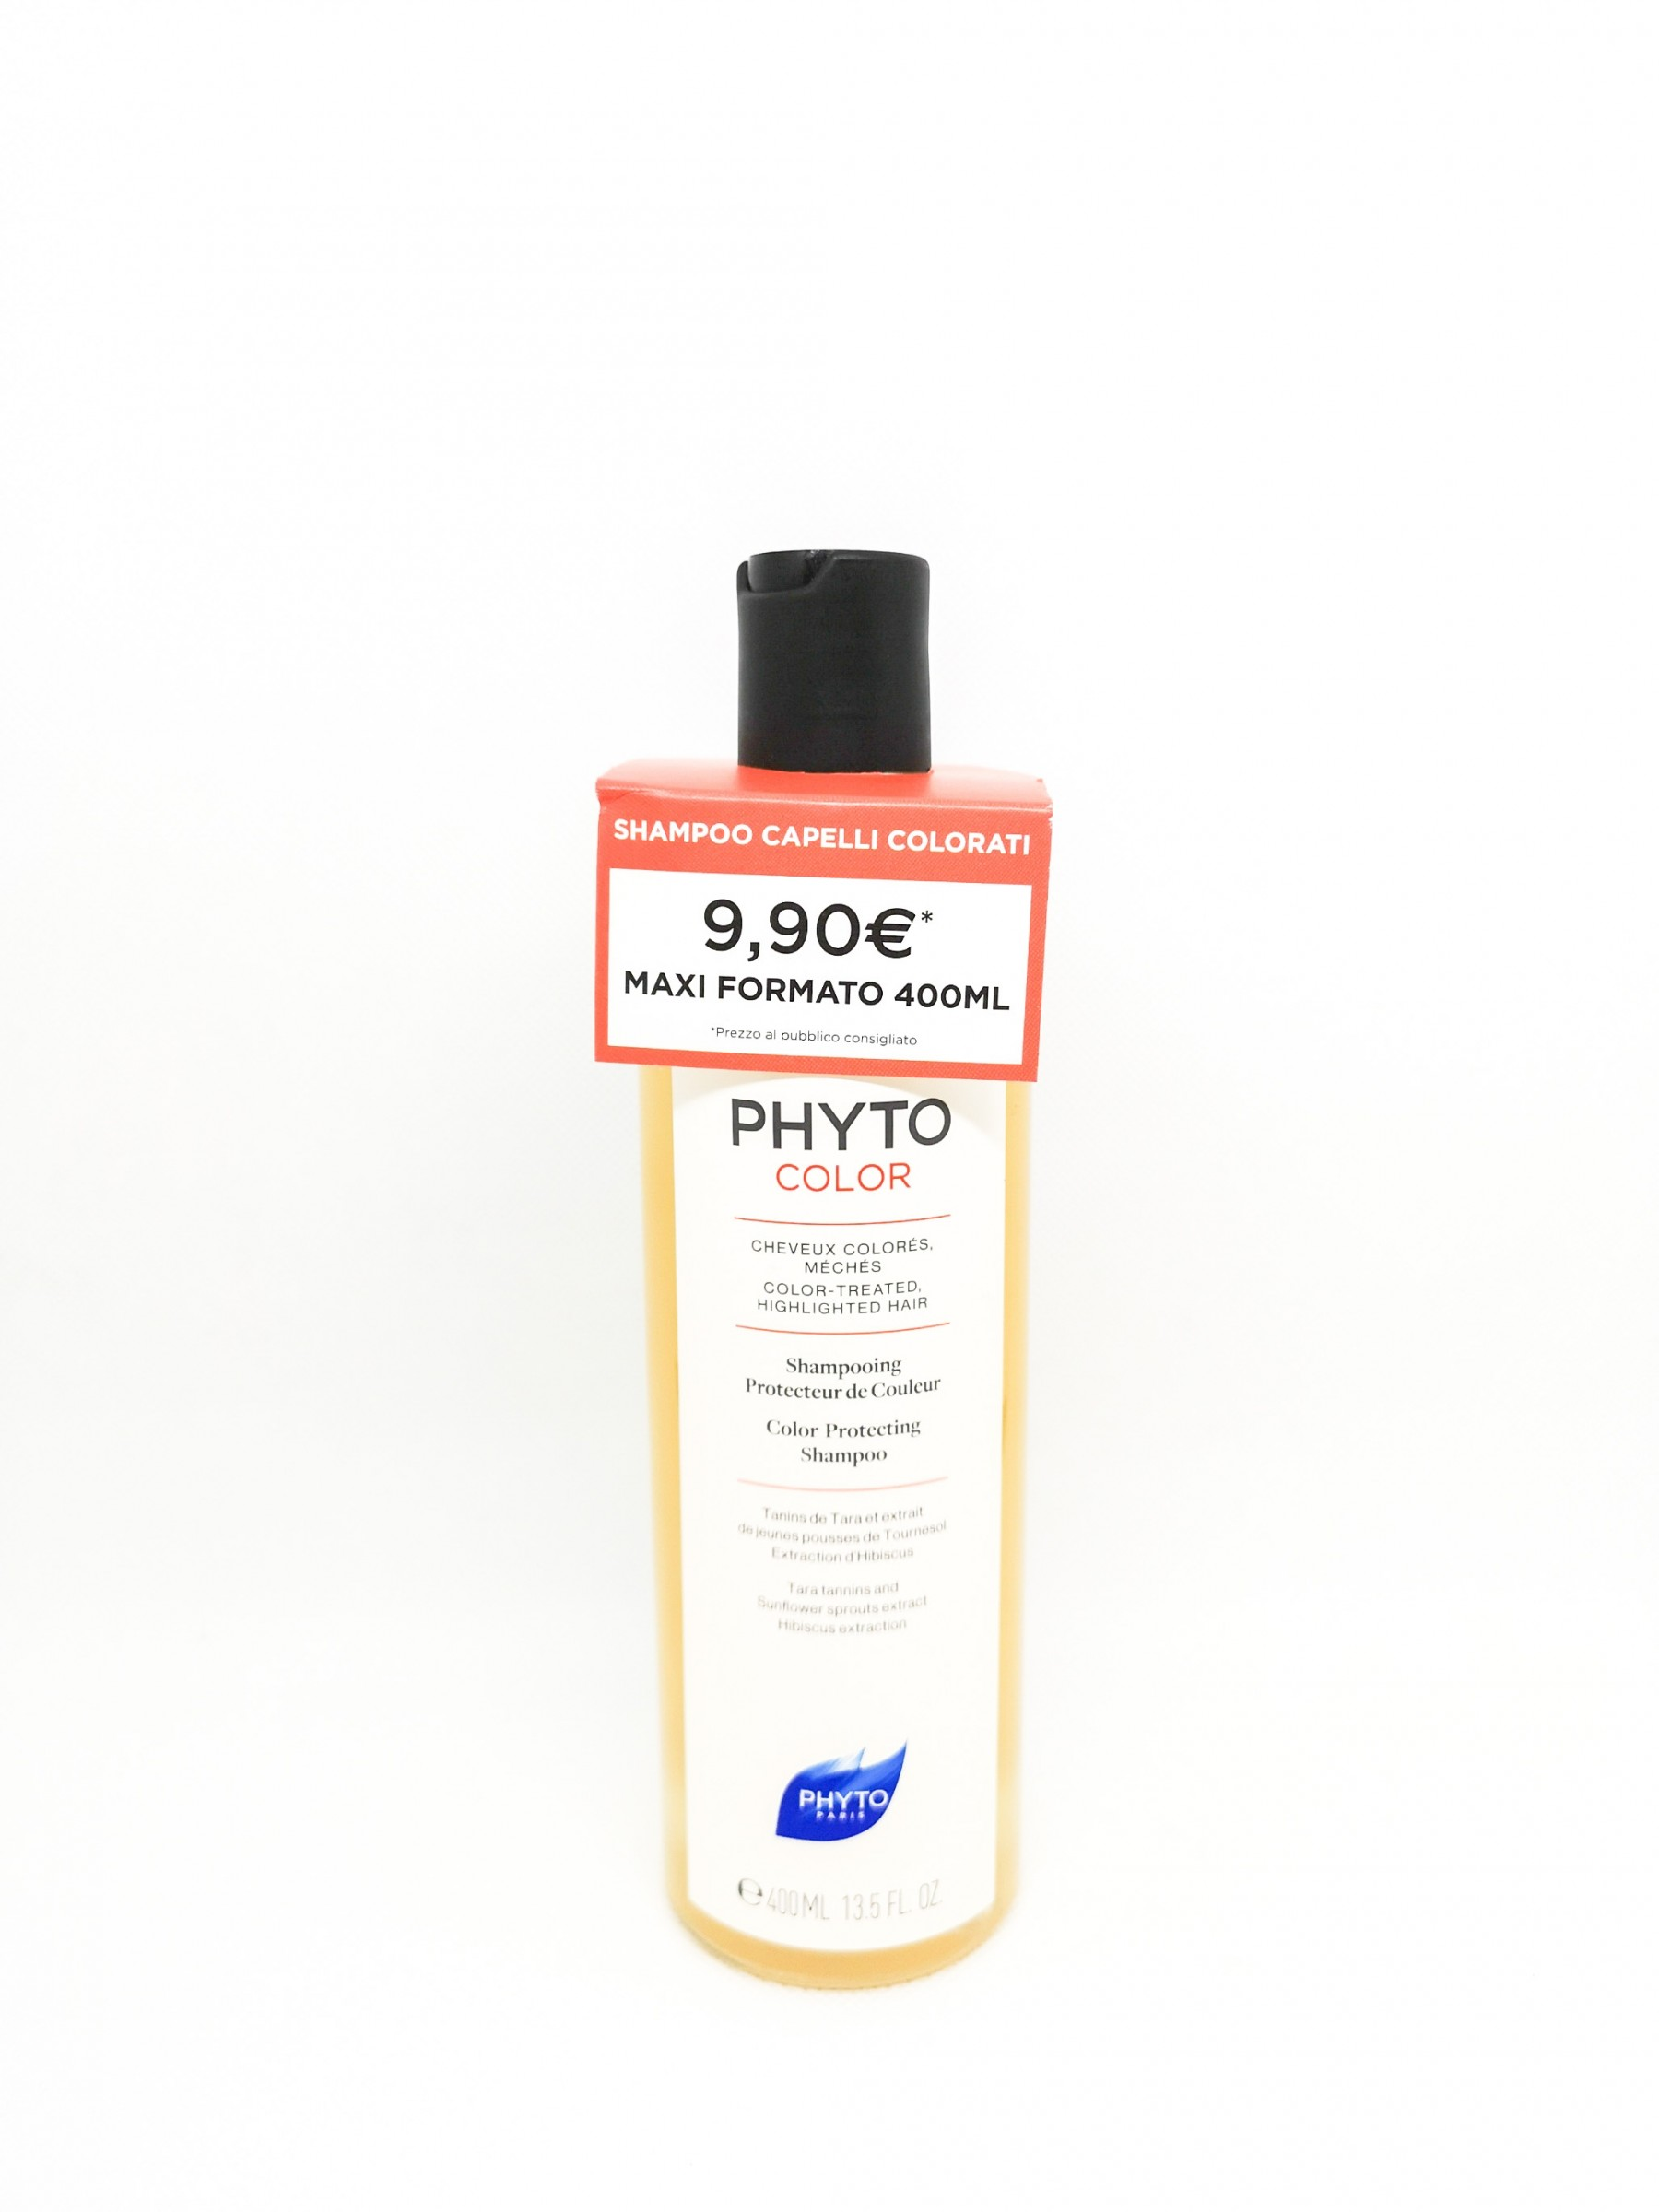 Phyto PhytoColor Shampoo Protezione Colore 400ml